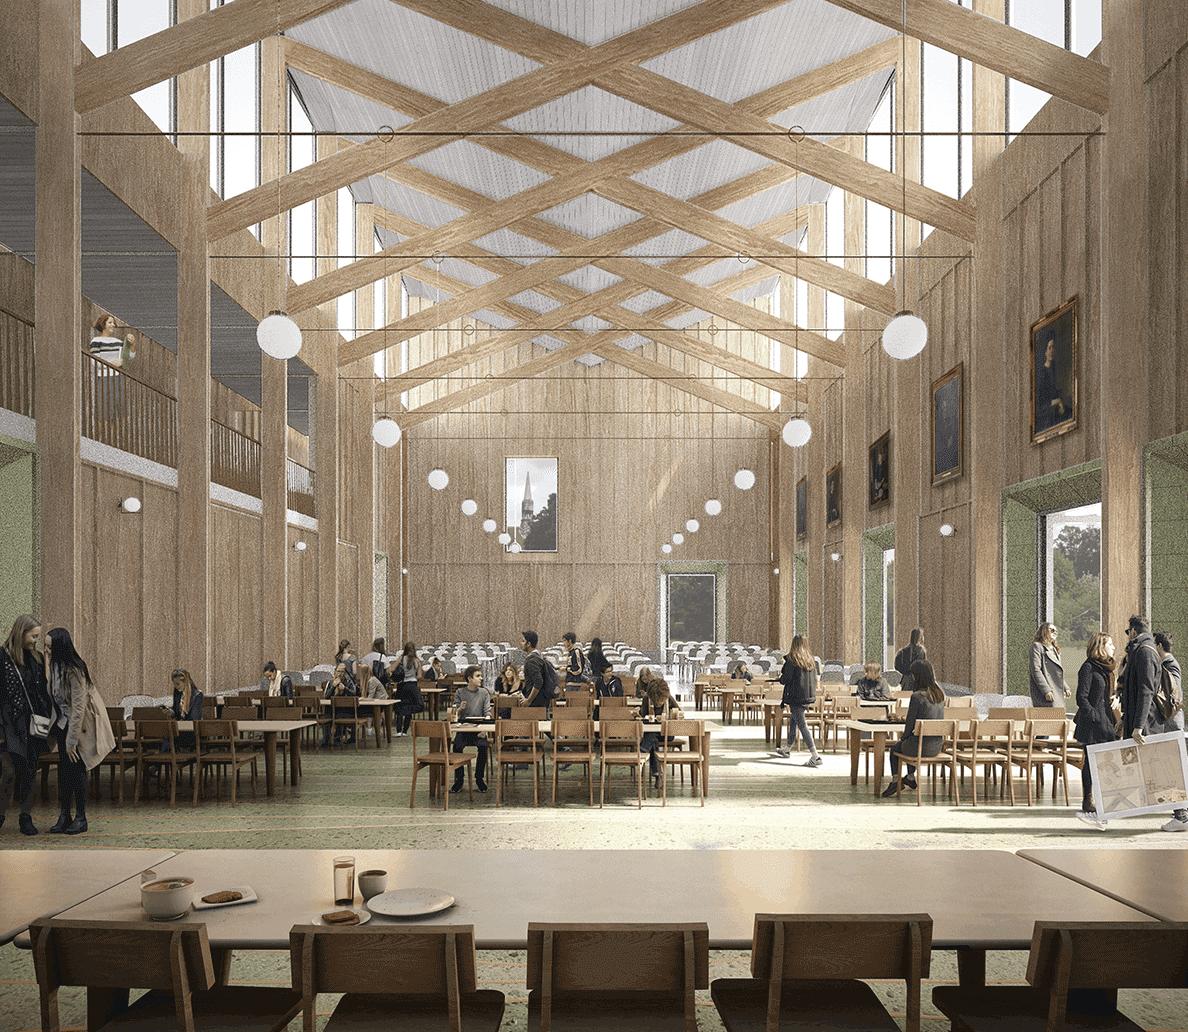 Dining Hall: Homerton Dining Hall